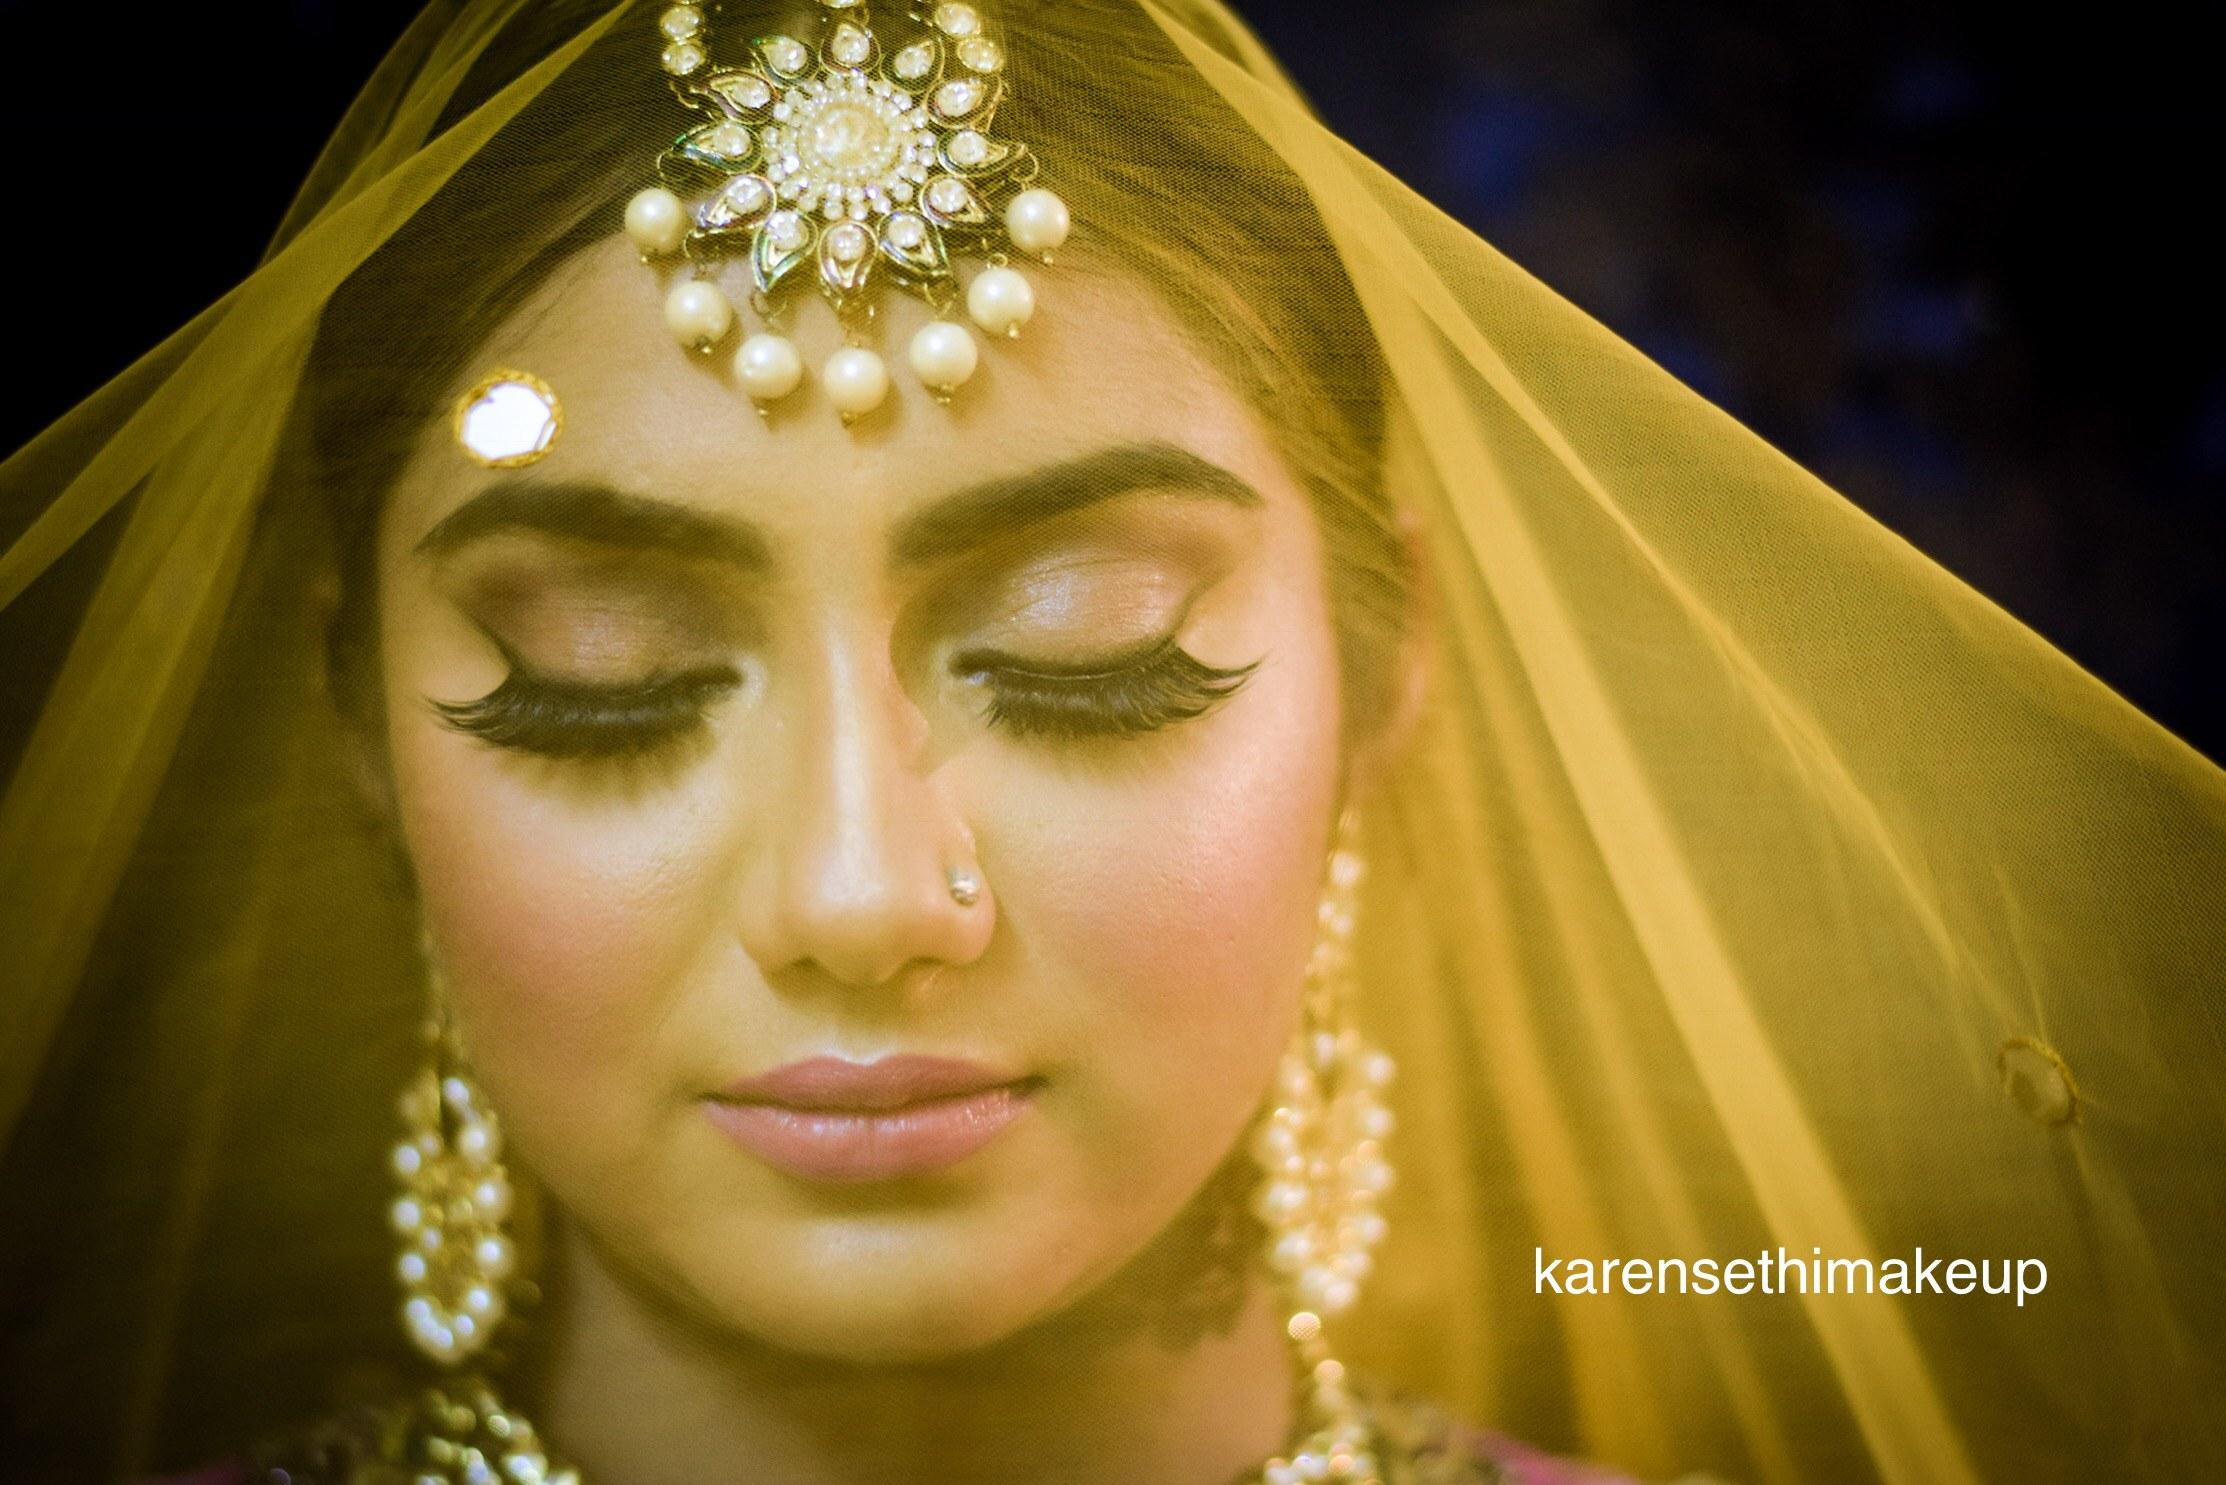 Portfolio - Karen Sethi Makeup